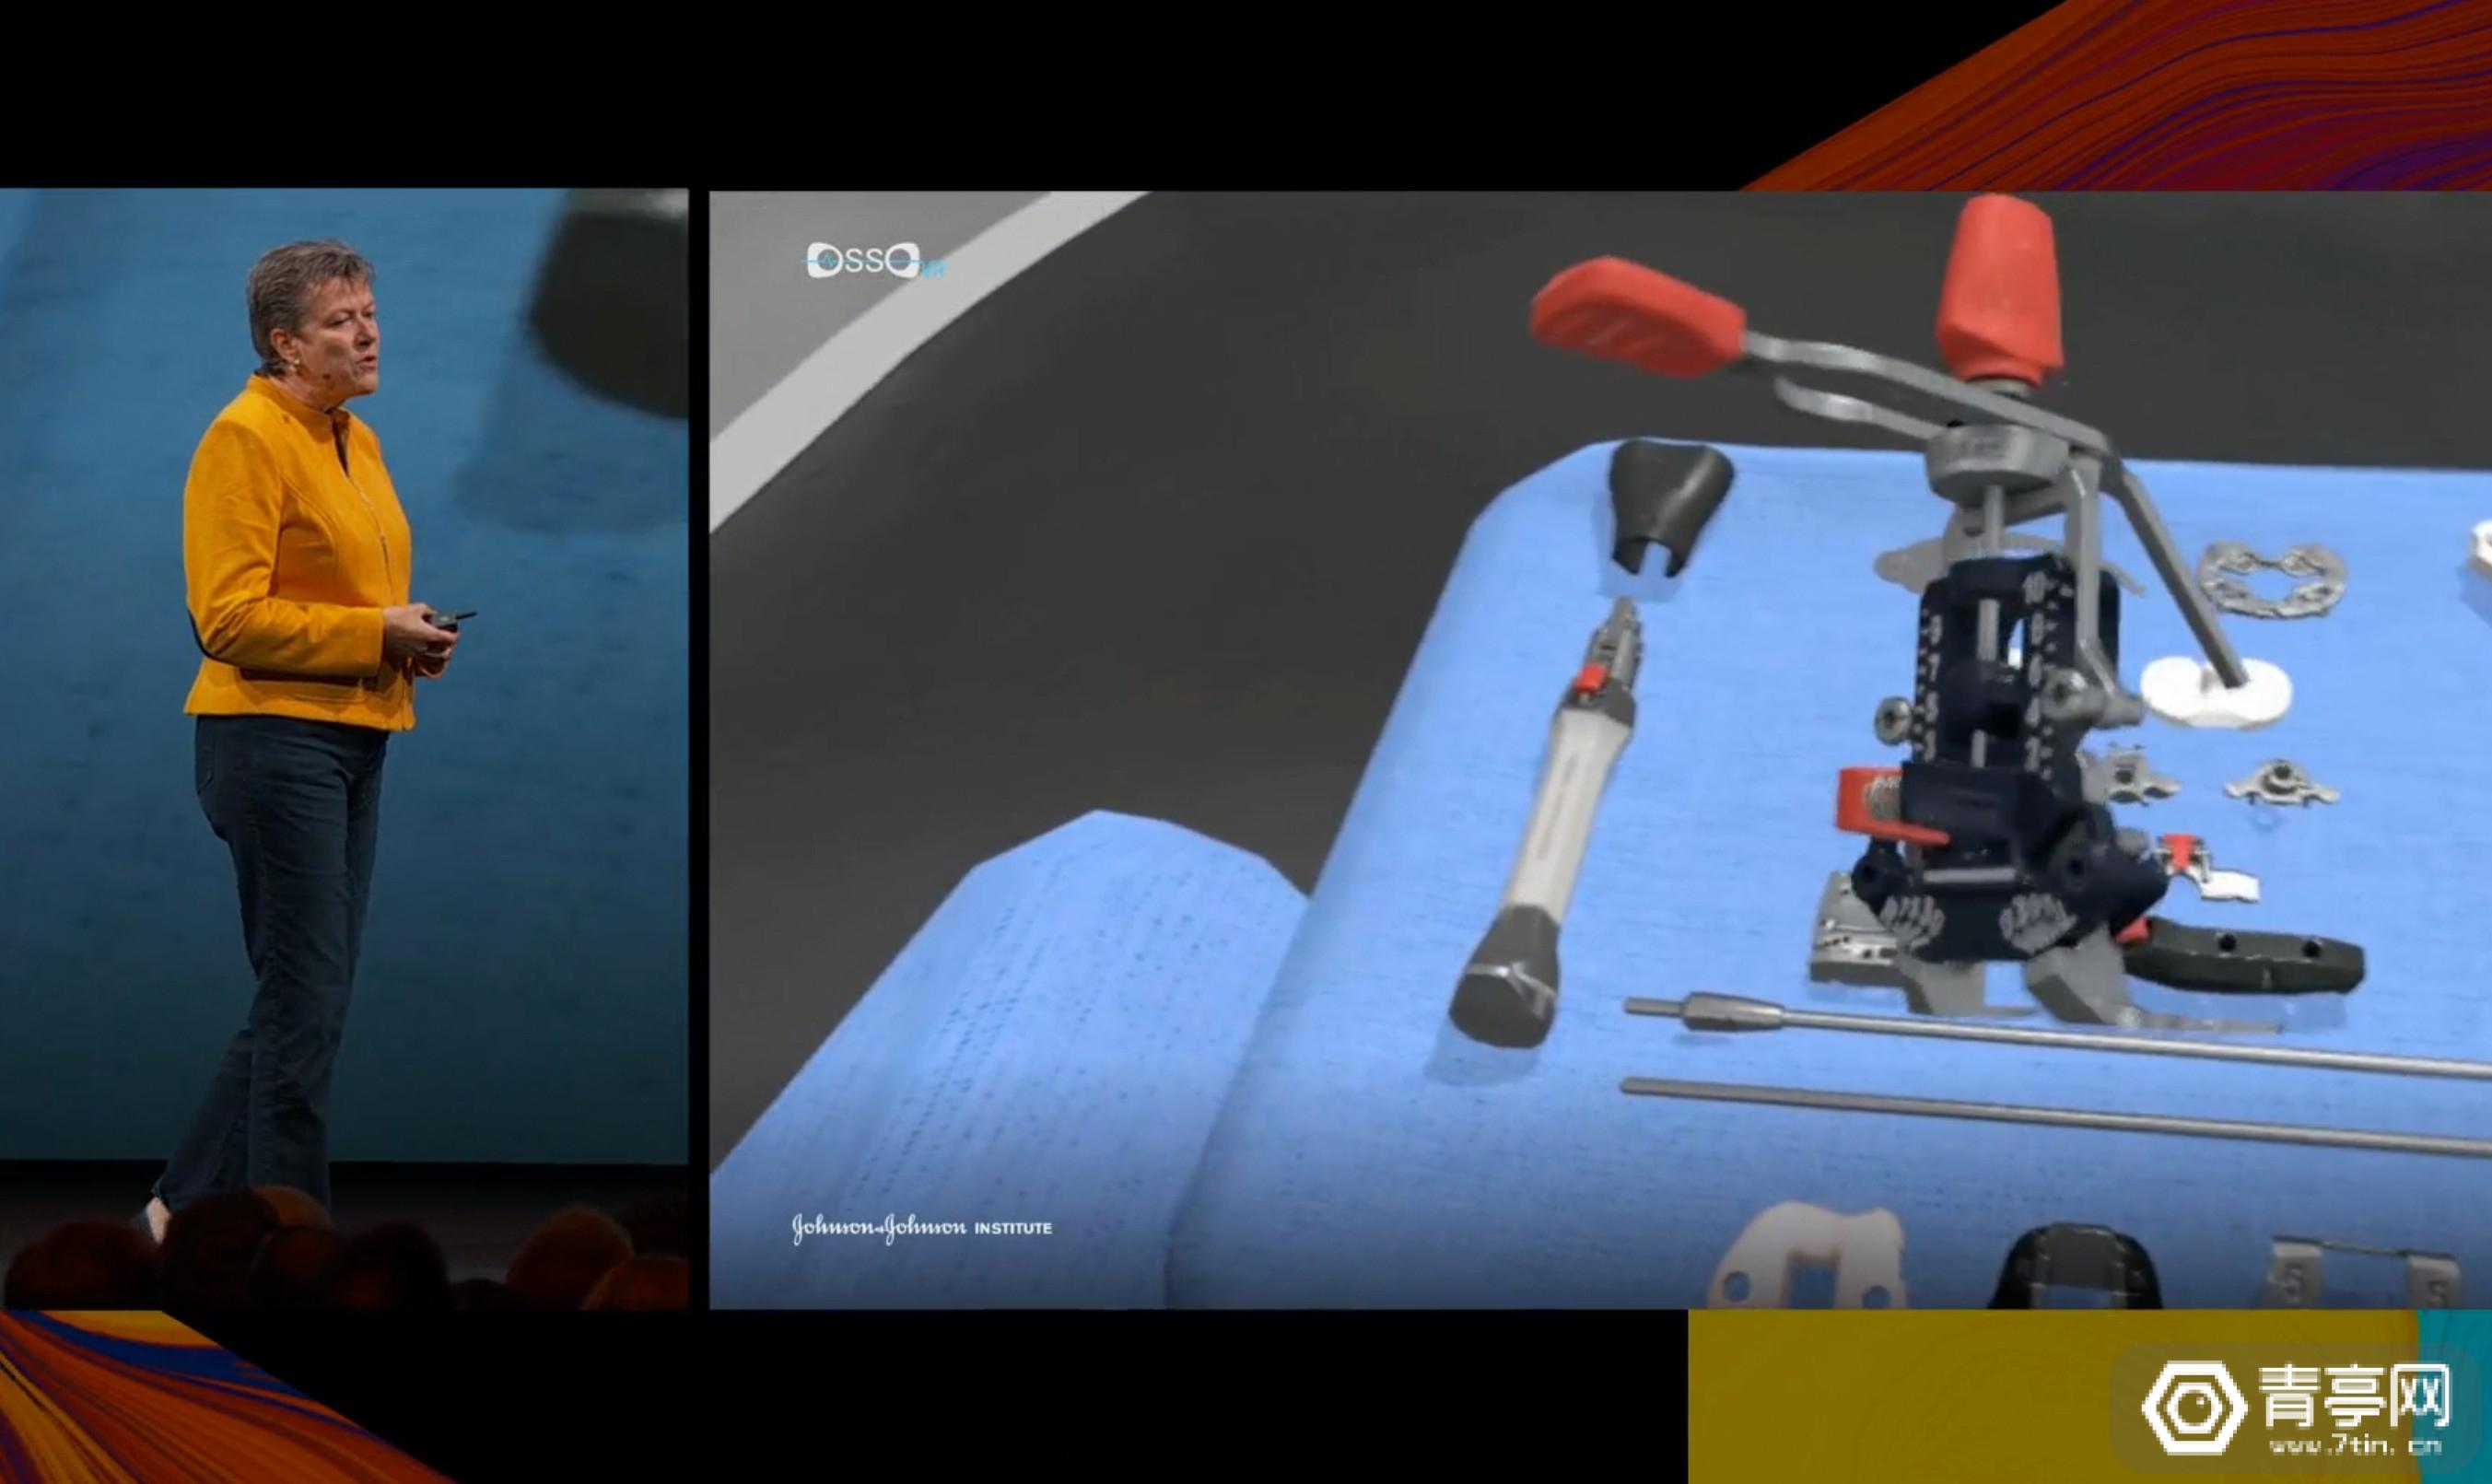 强生医疗与Osso VR合作医疗培训成效显著,将向全球推广